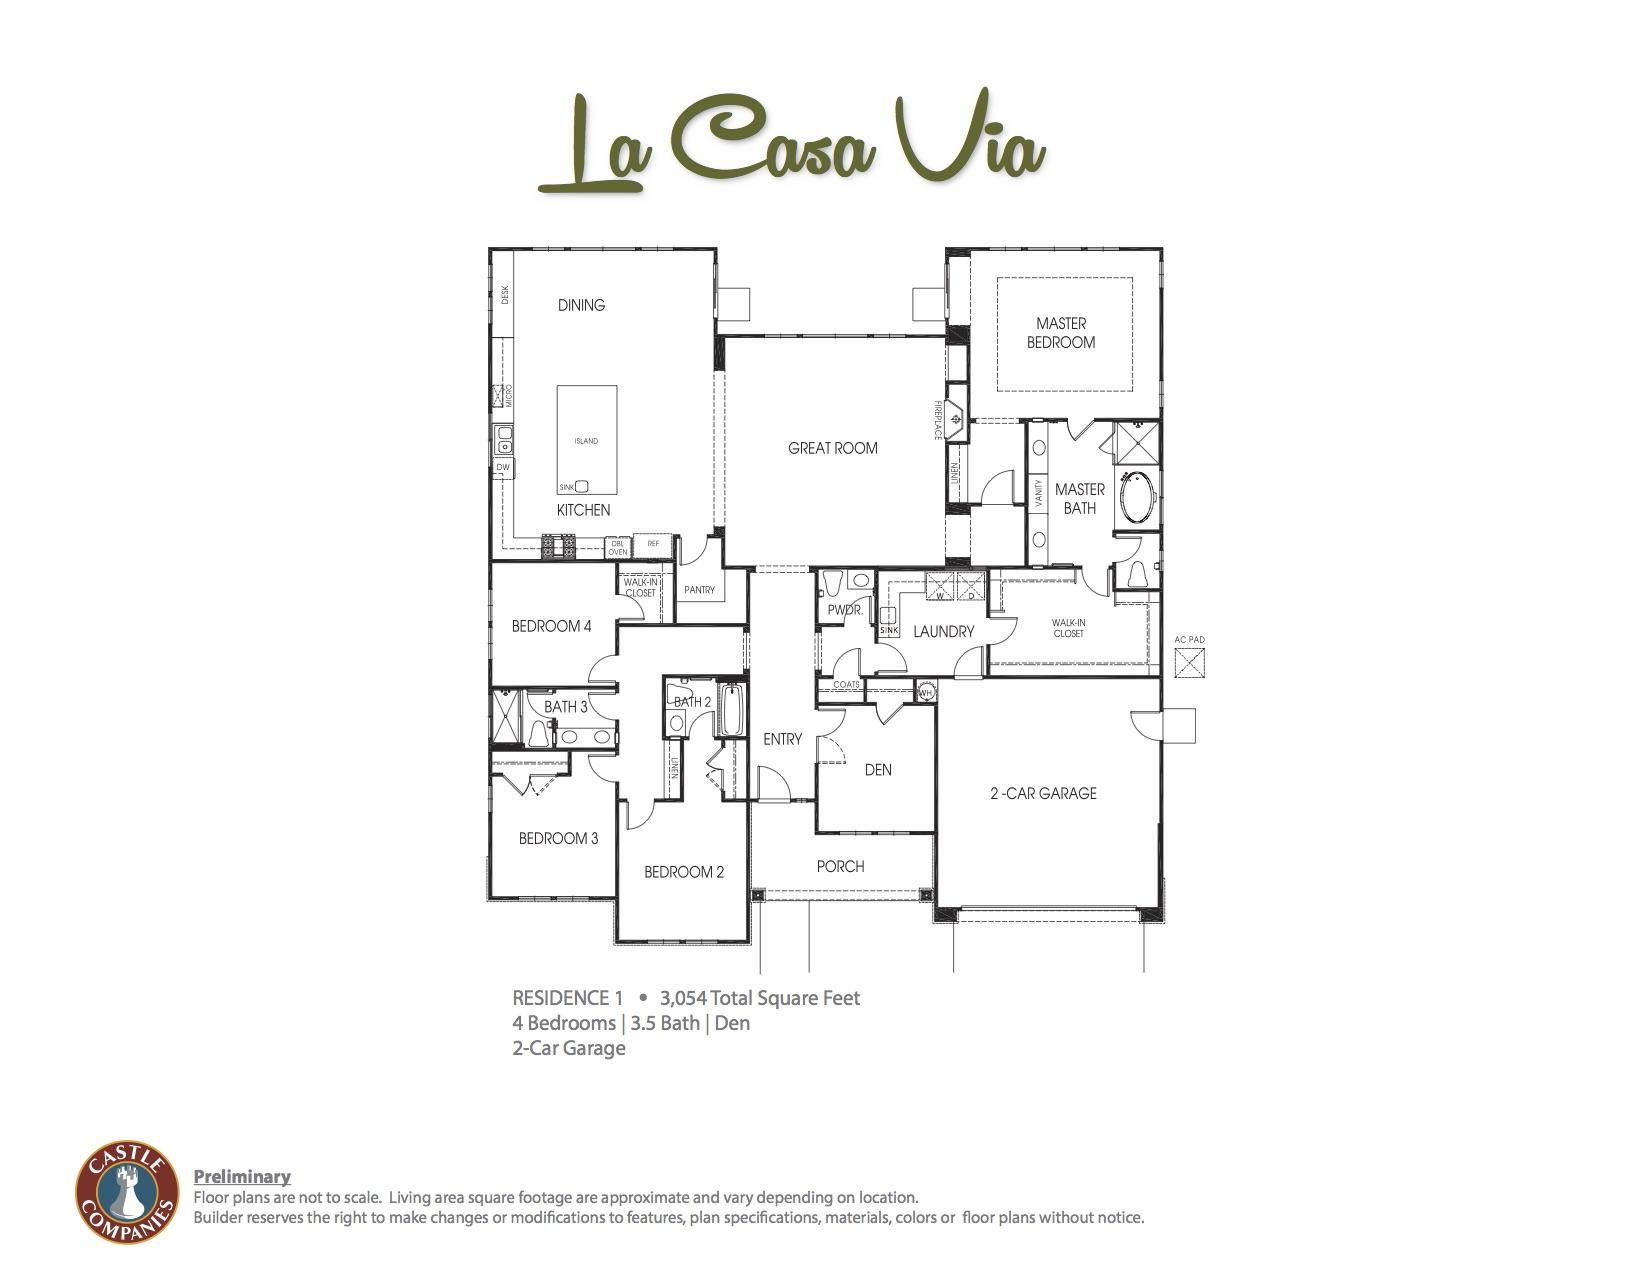 La Casa Via Floor Plan 1 copy